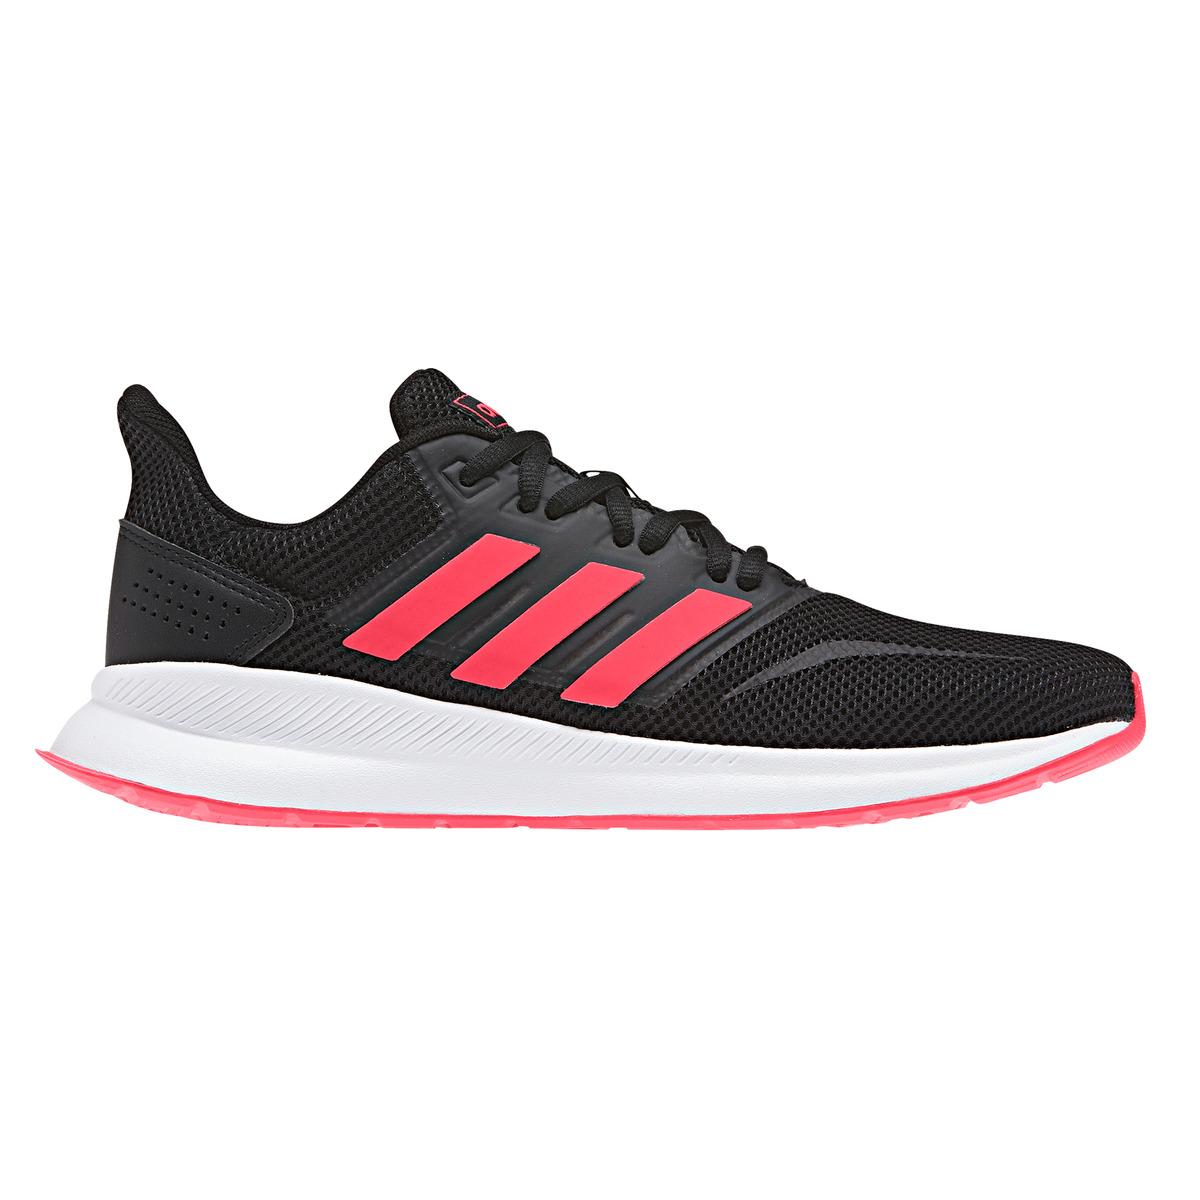 ADIDAS Runfalcon zapatillas mujer 24.9€